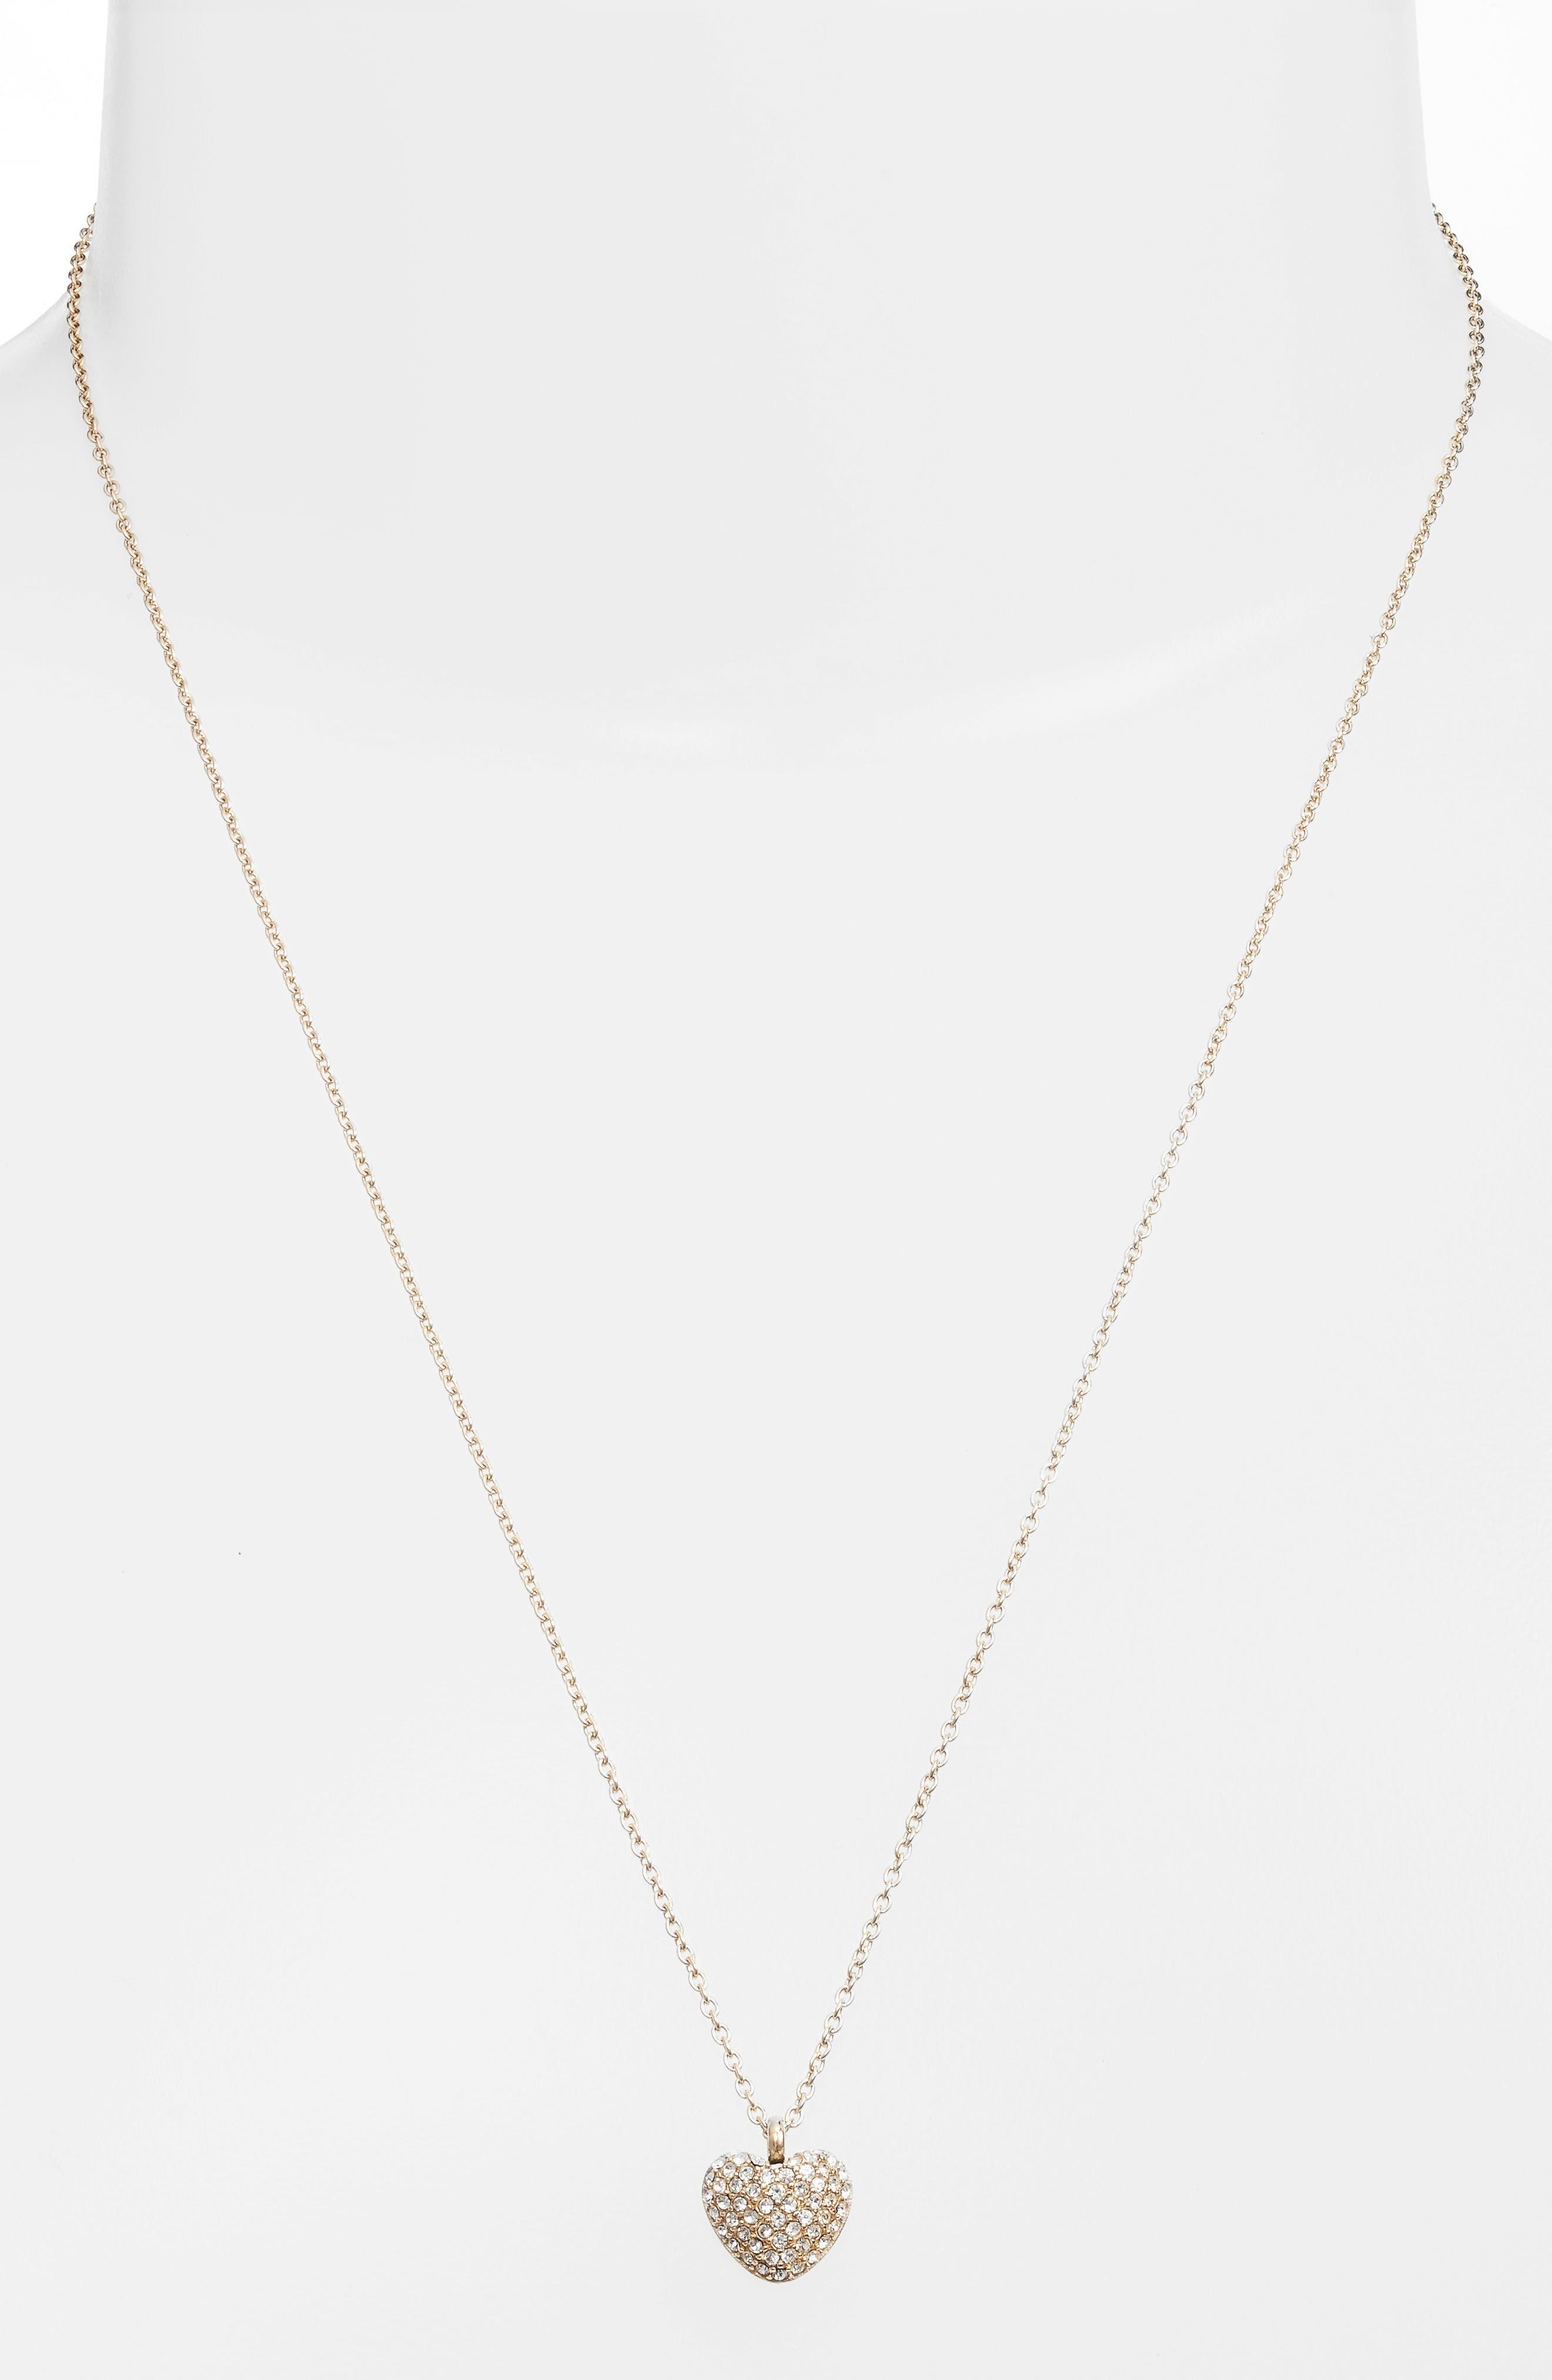 MICHAEL KORS Pavé Heart Pendant Necklace